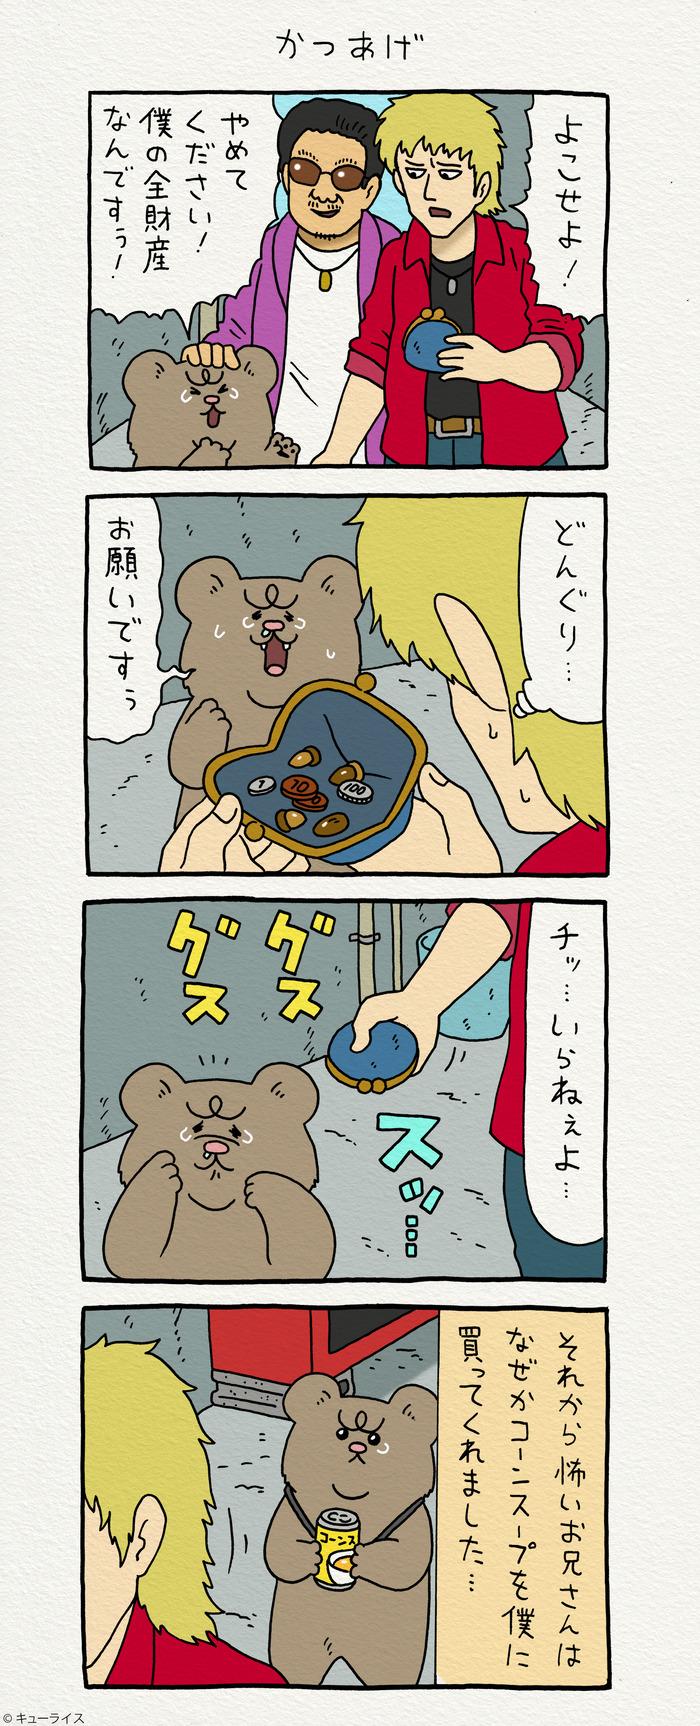 悲熊は強くなりたい 1 のコピー